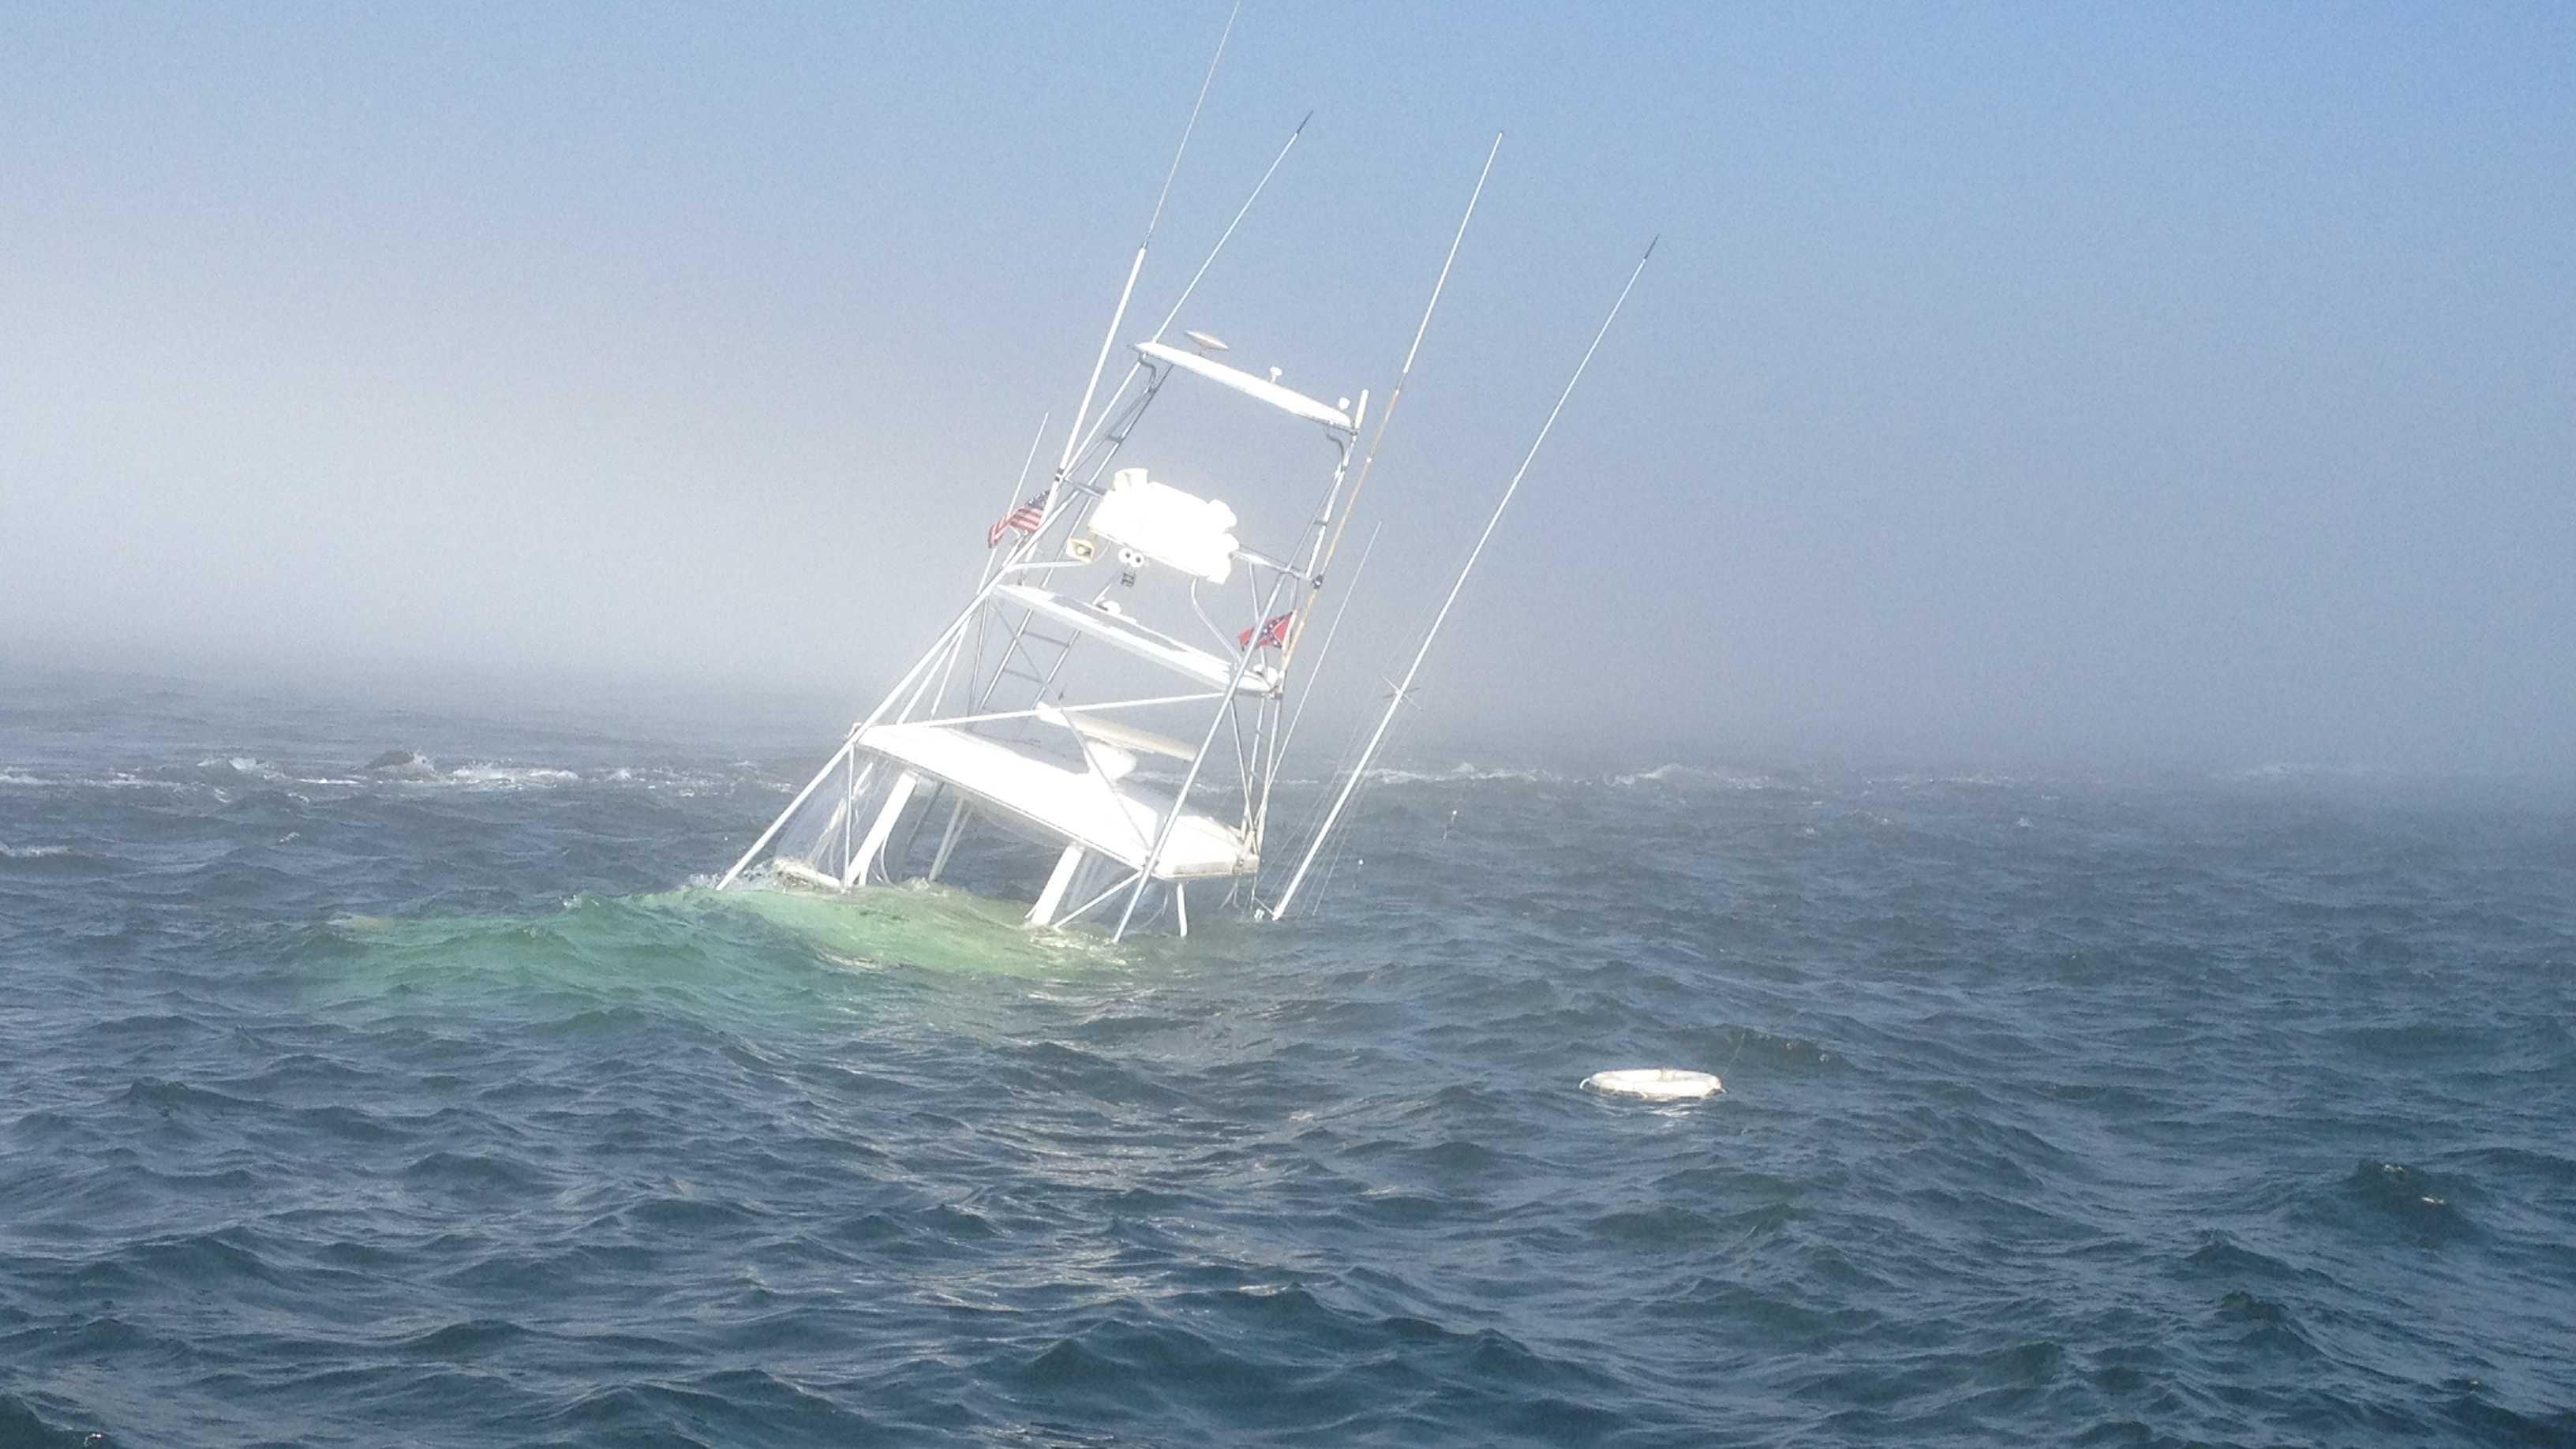 Courtesy: US Coast Guard